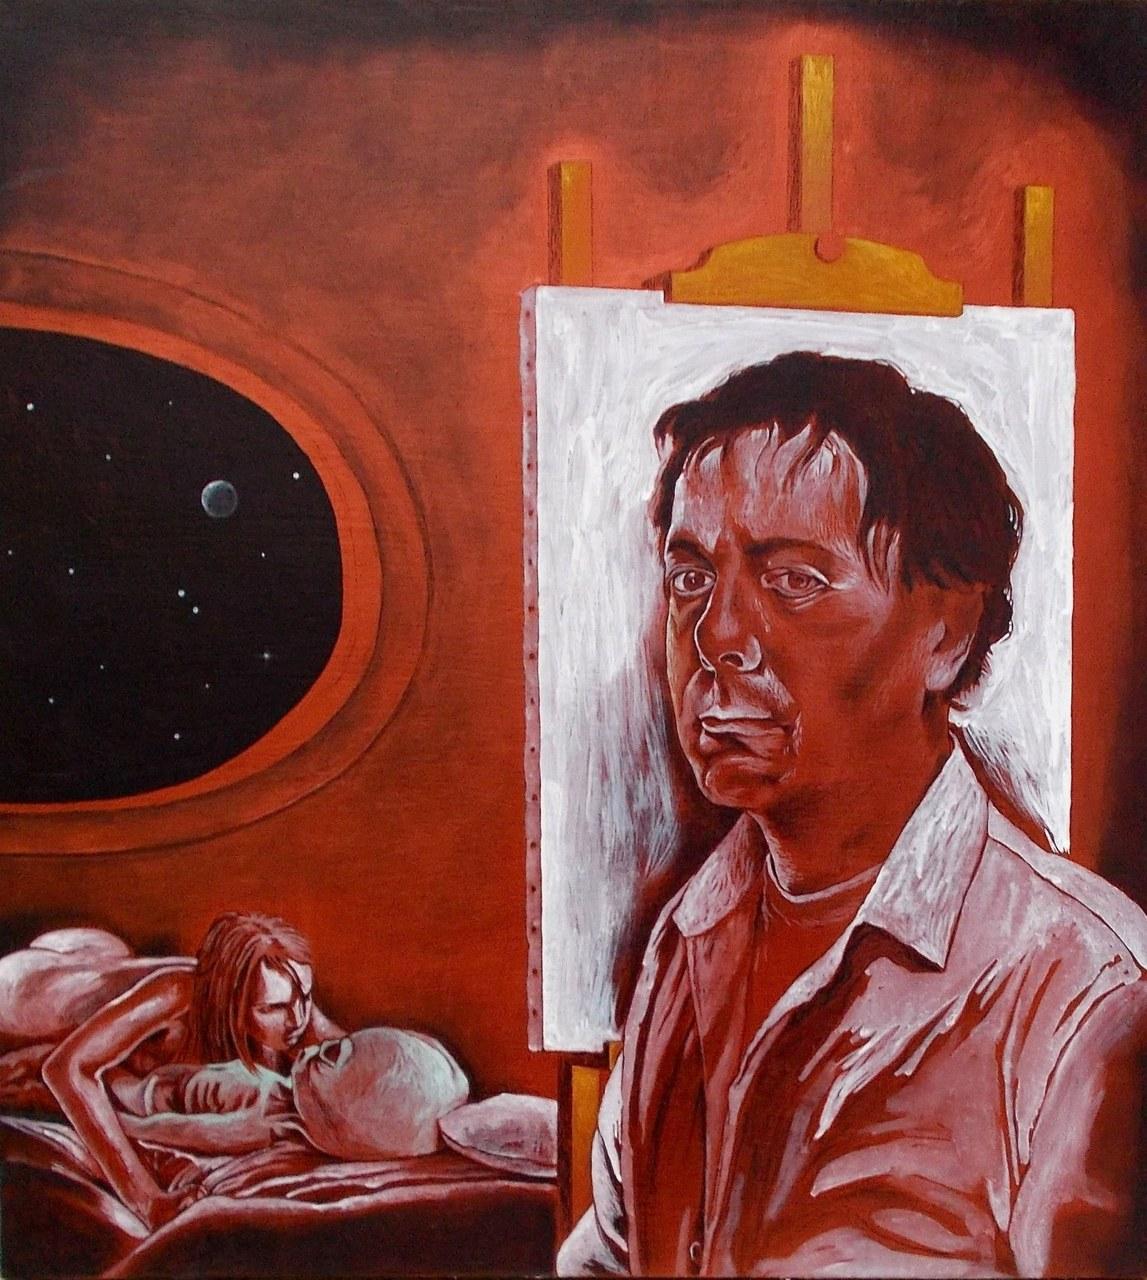 Autoritratto con le spalle rivolte all'arte e alla fantascienza(incompiuto), 2012